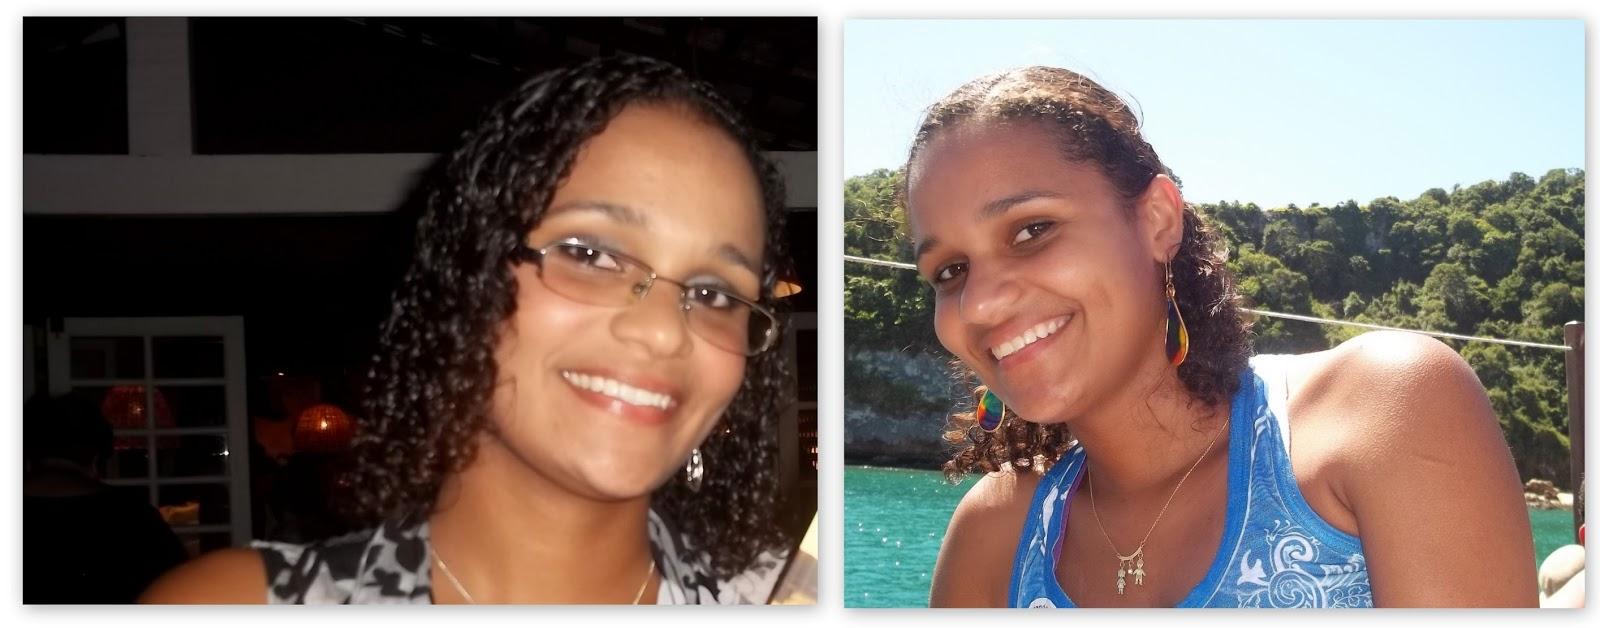 Maquiagem, beleza, opiniões, ditadura da belez, #STOPTHEBEAUTYMADNESS, Vanessa Vieira, Pensamentos